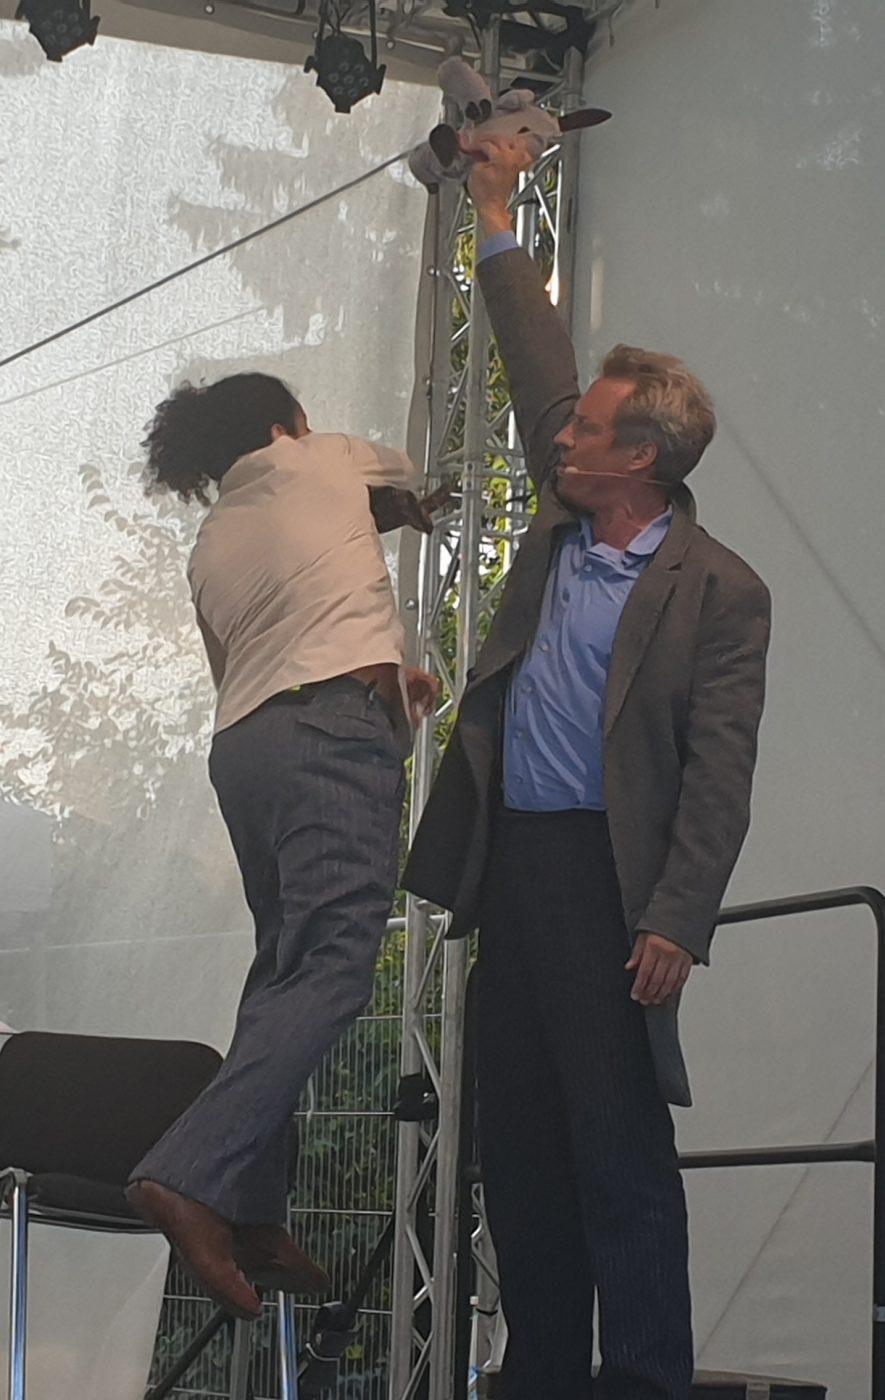 Zwei Männer auf der Bühne - Szenenfoto aus der Lesung